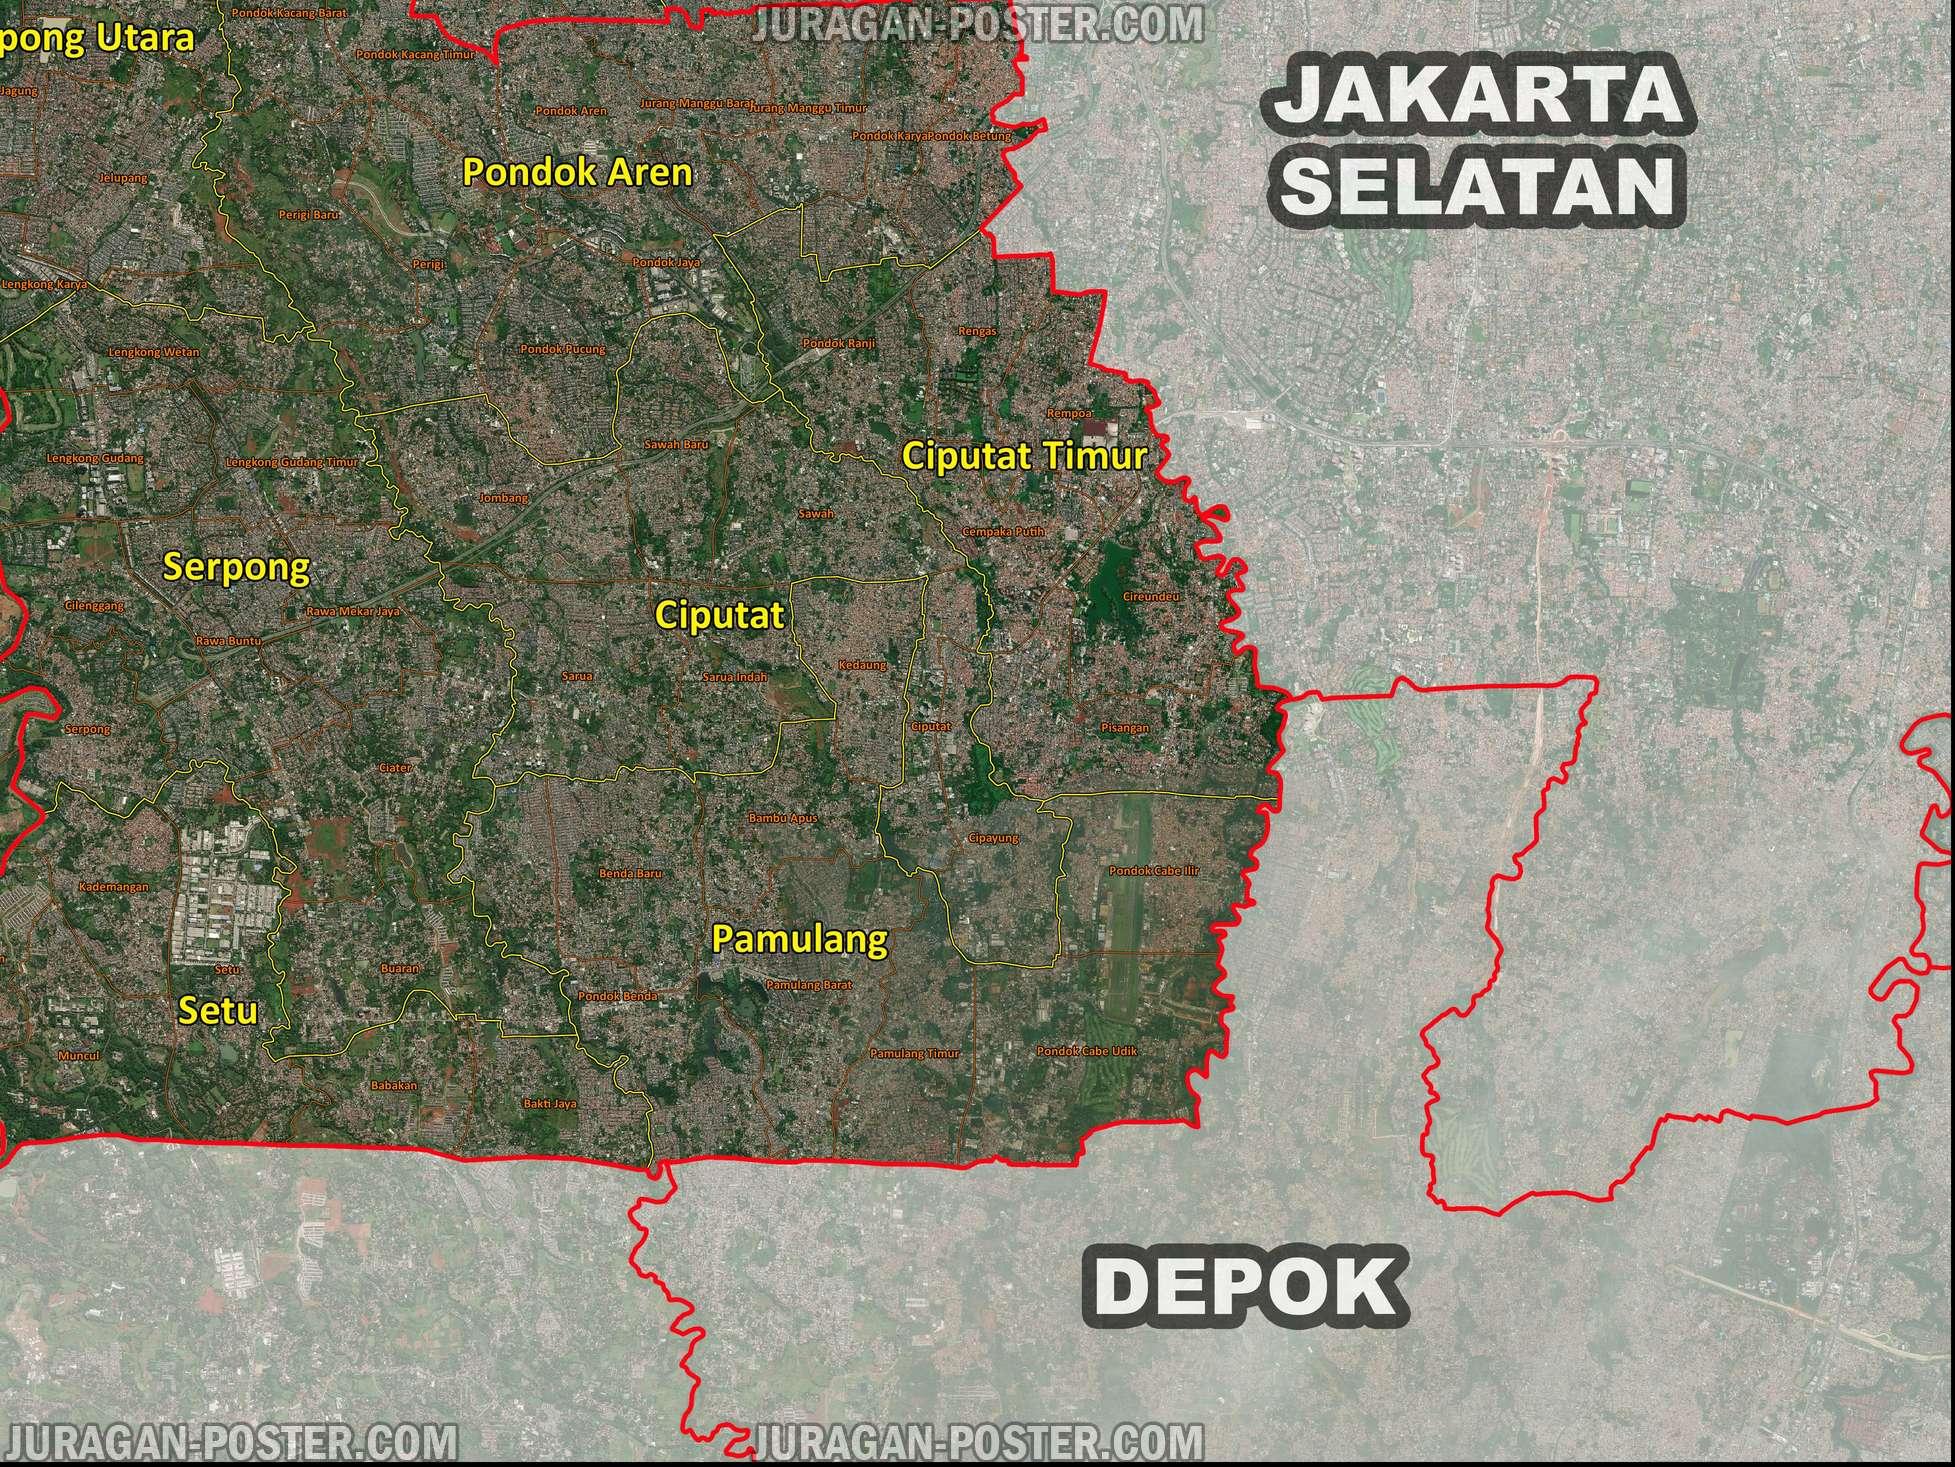 Peta Kabupaten Tangerang, Kota Tangerang dan Tangerang selatan ...